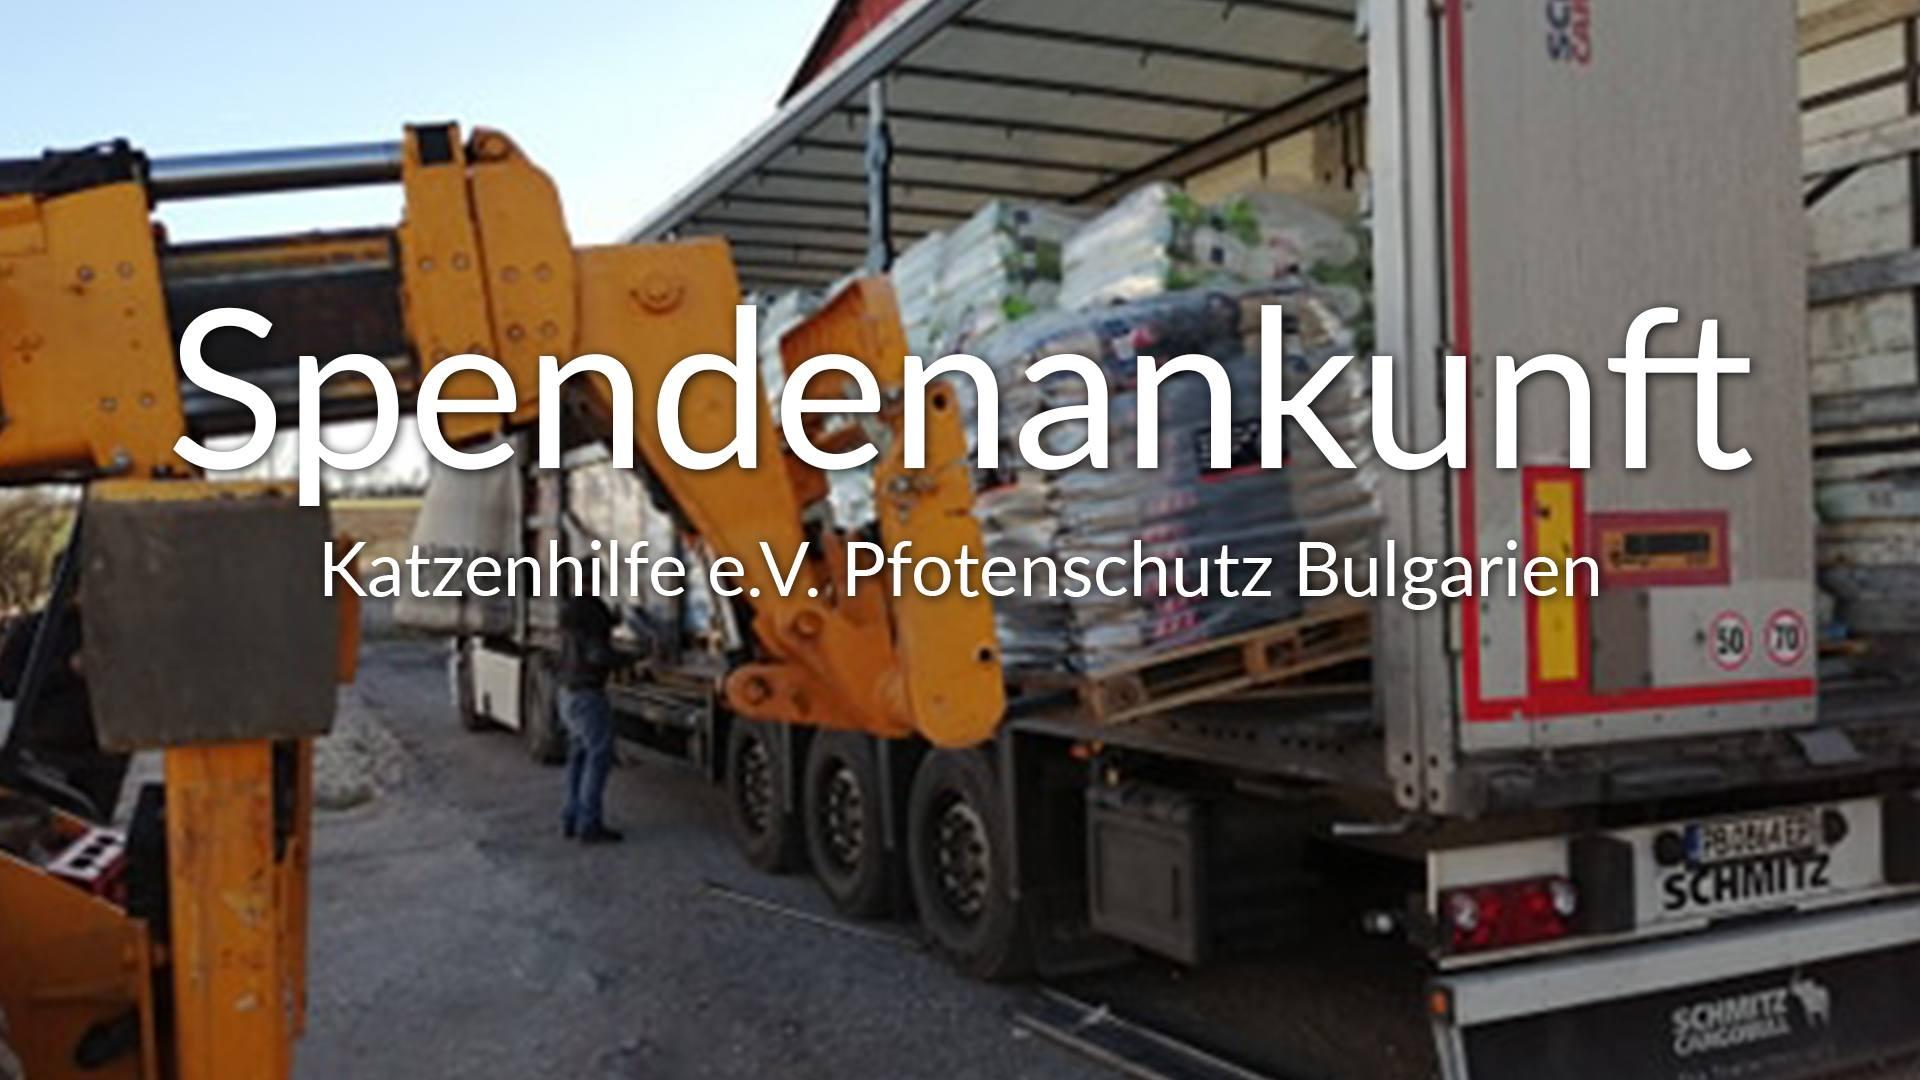 Katzenhilfe e.V. Pfotenschutz Bulgarien-Futterspendenankunft-maerz-2020-Spenden-Marathon-2019-Bulgarien-VIDEO